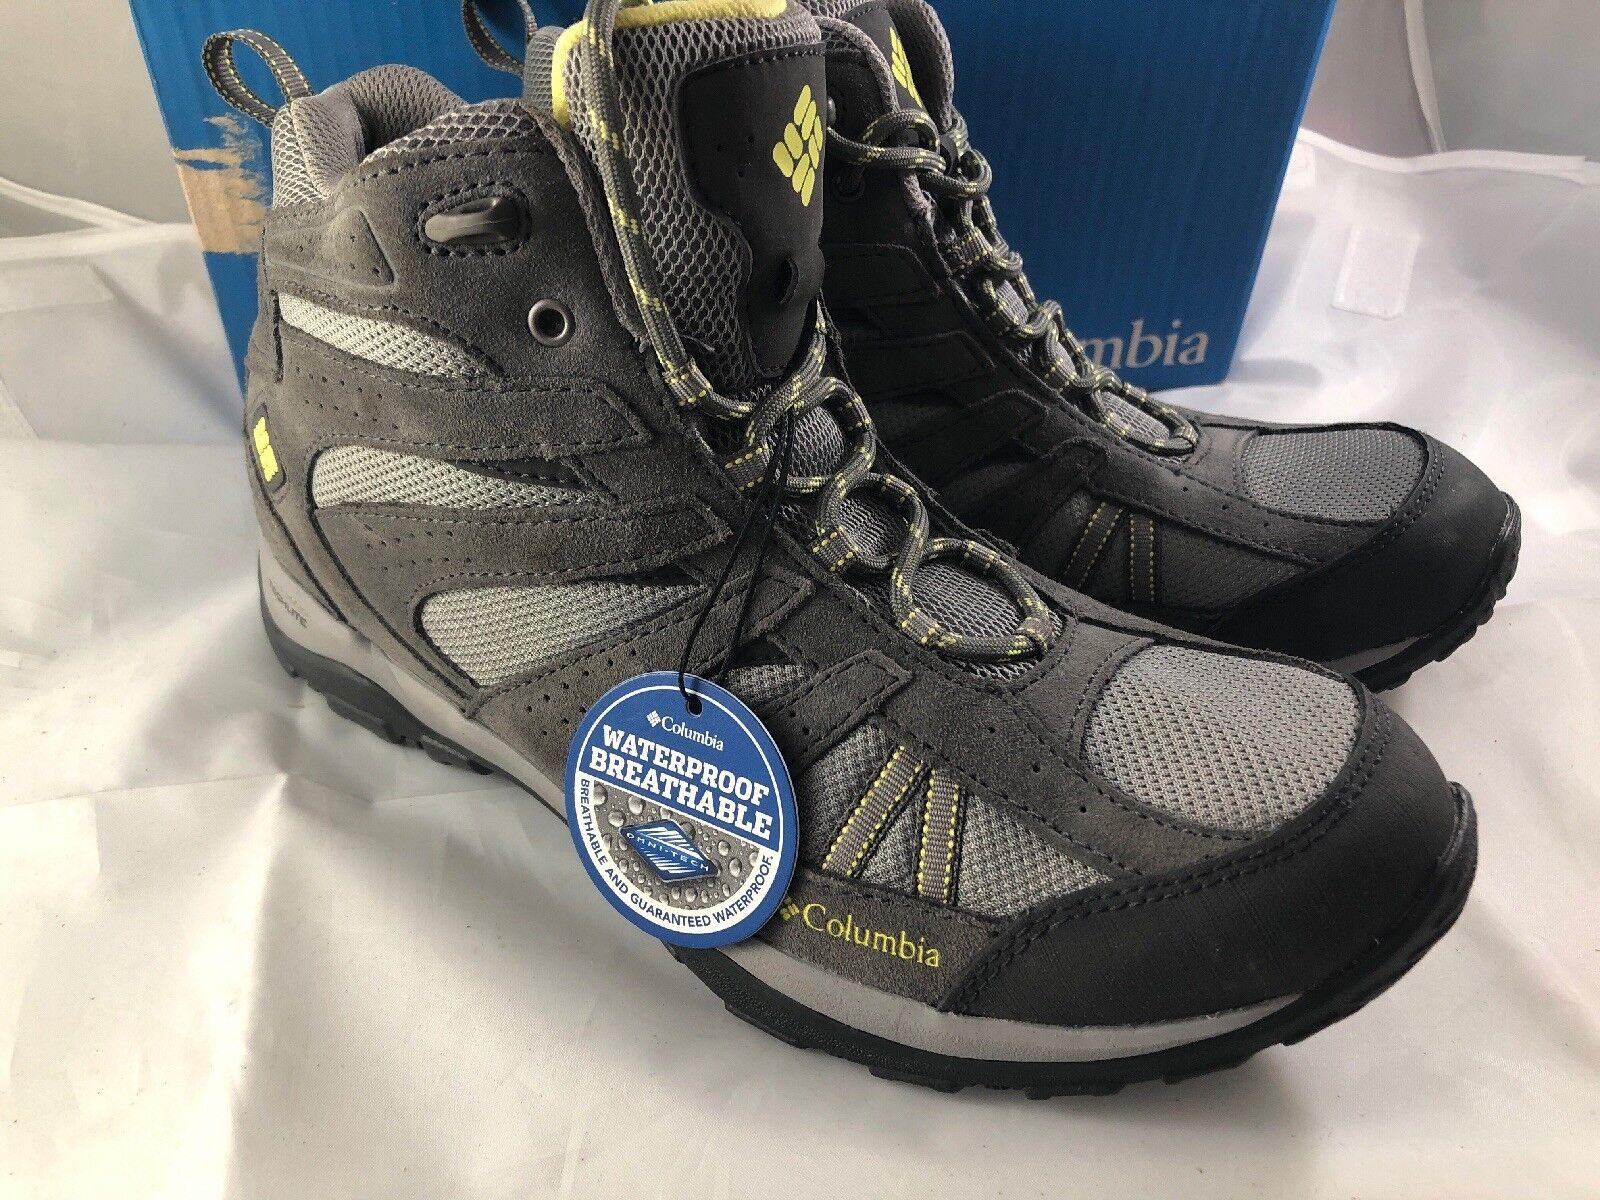 Columbia Women's Dakota Drifter Mid Waterproof Trail shoes - Women Size 10.5